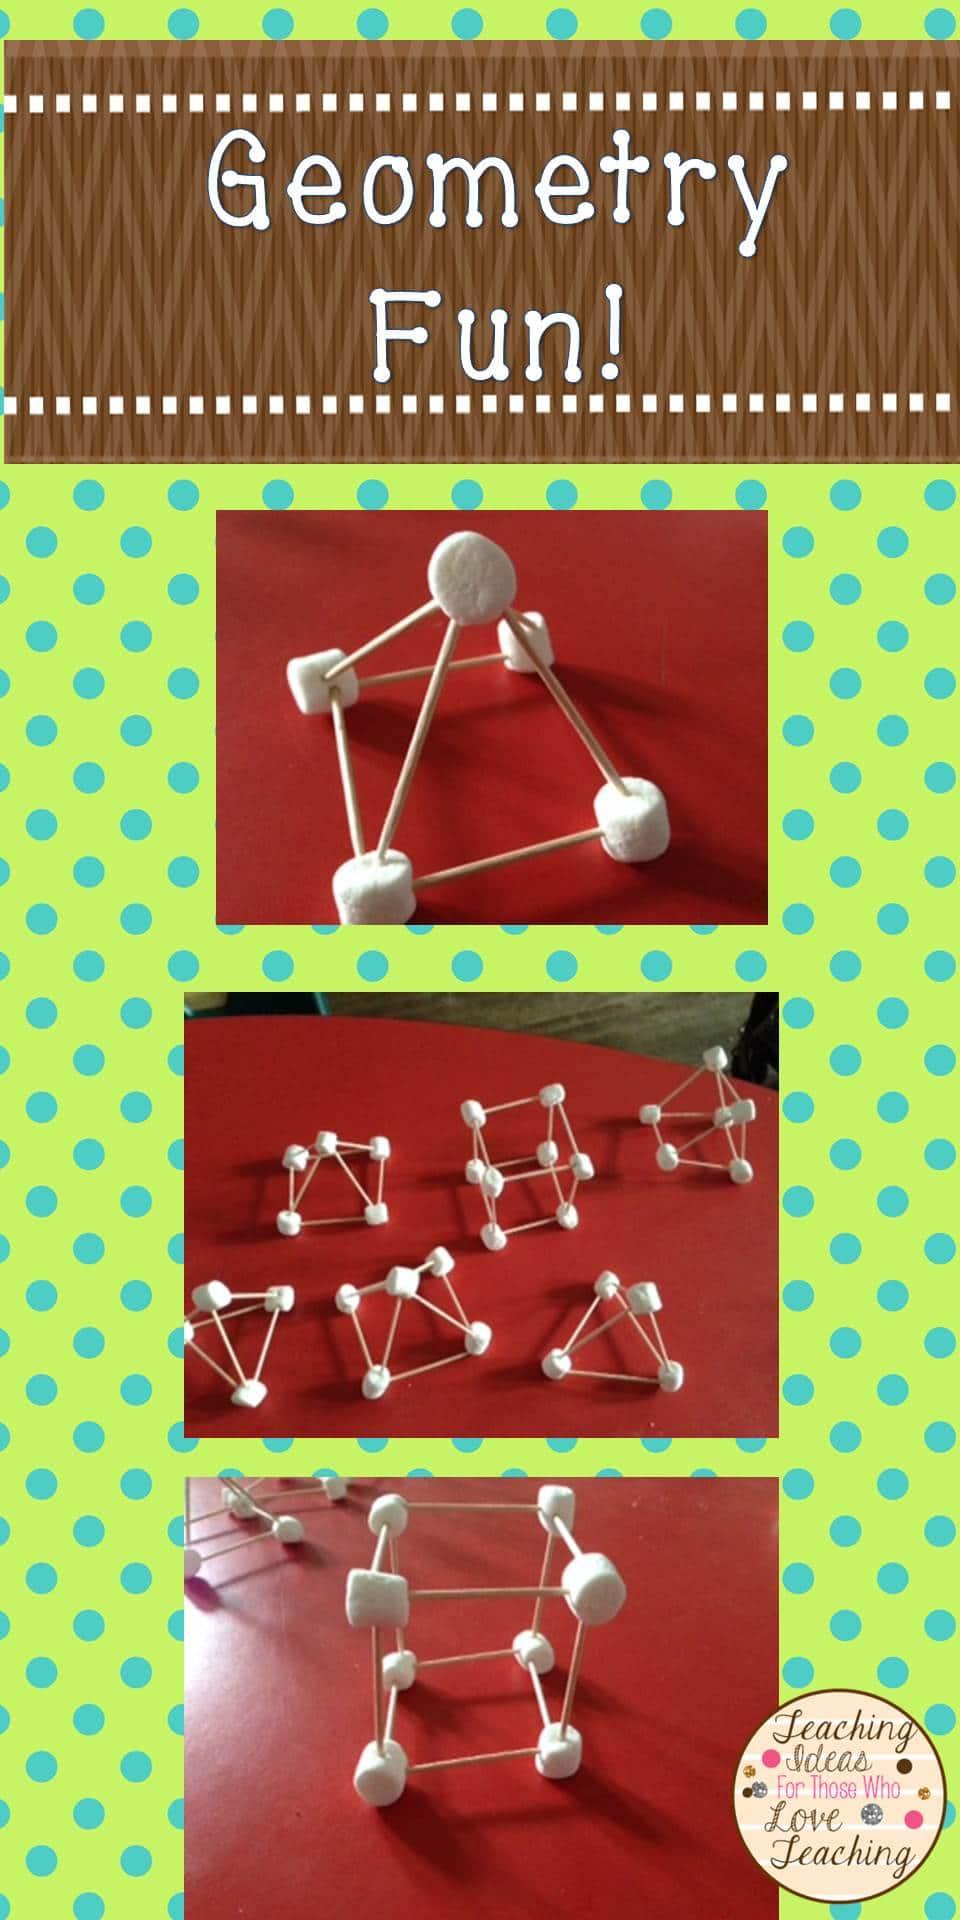 Geometry Fun